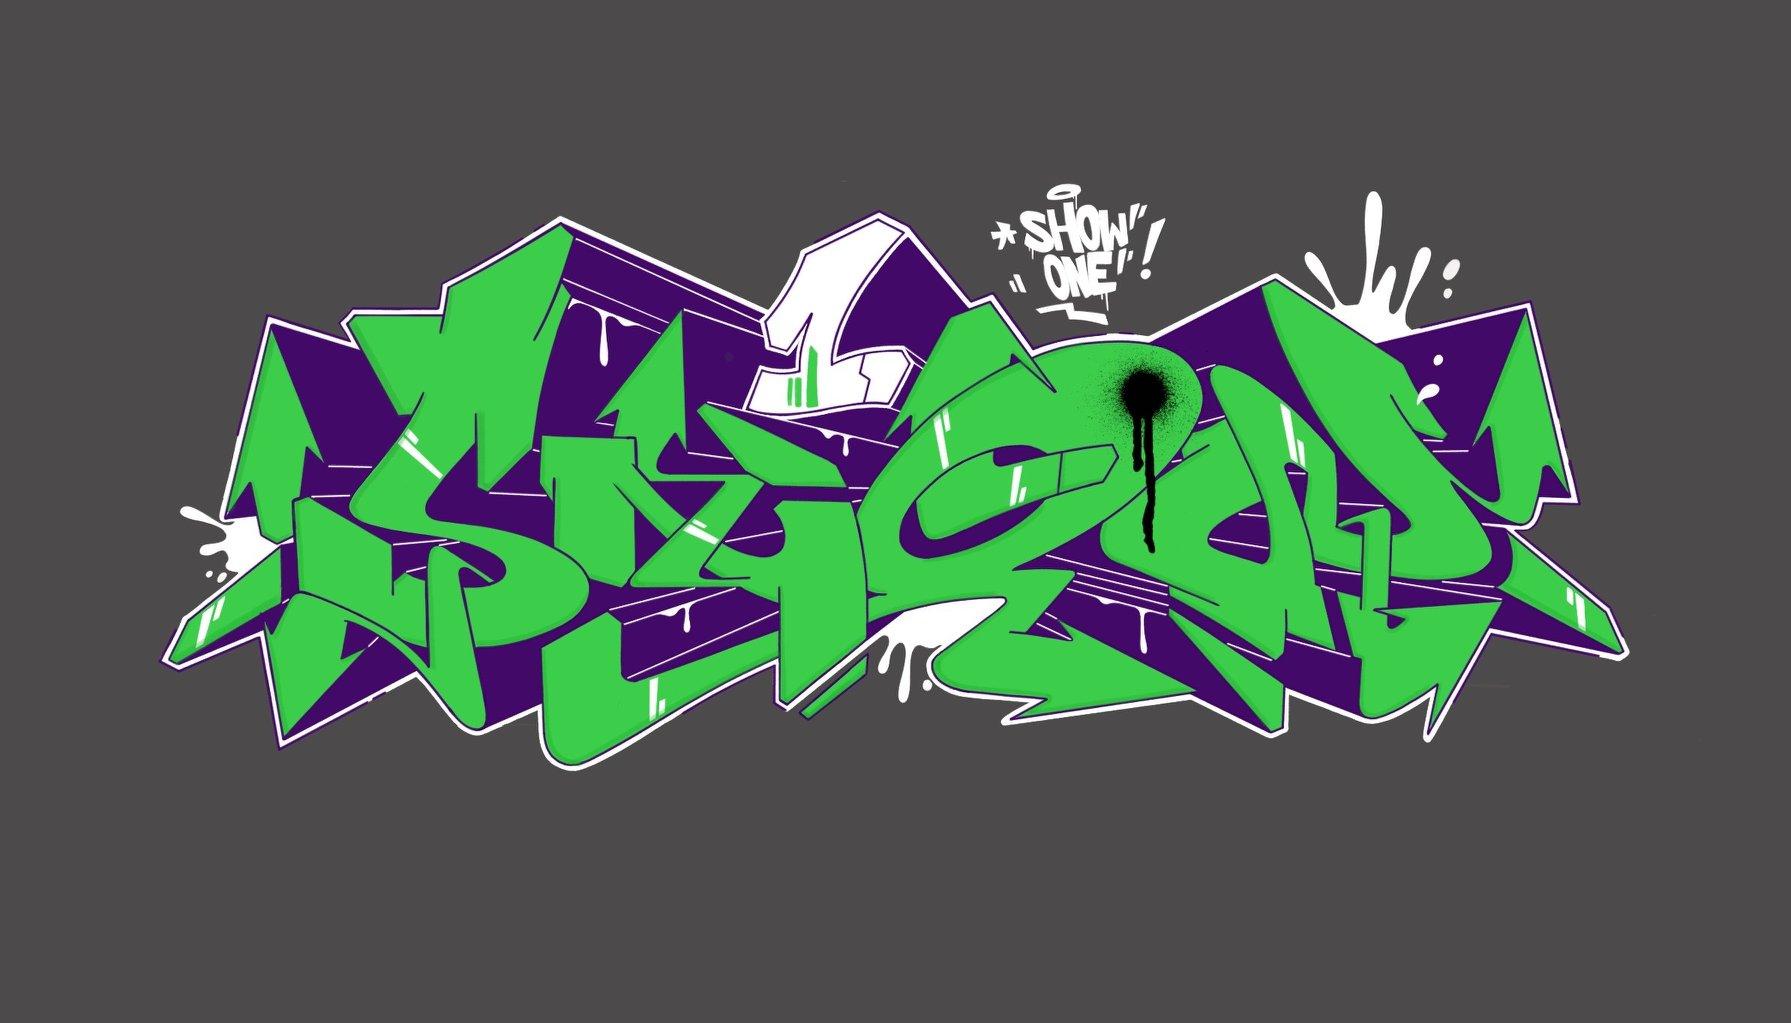 Show1 green graffiti digital